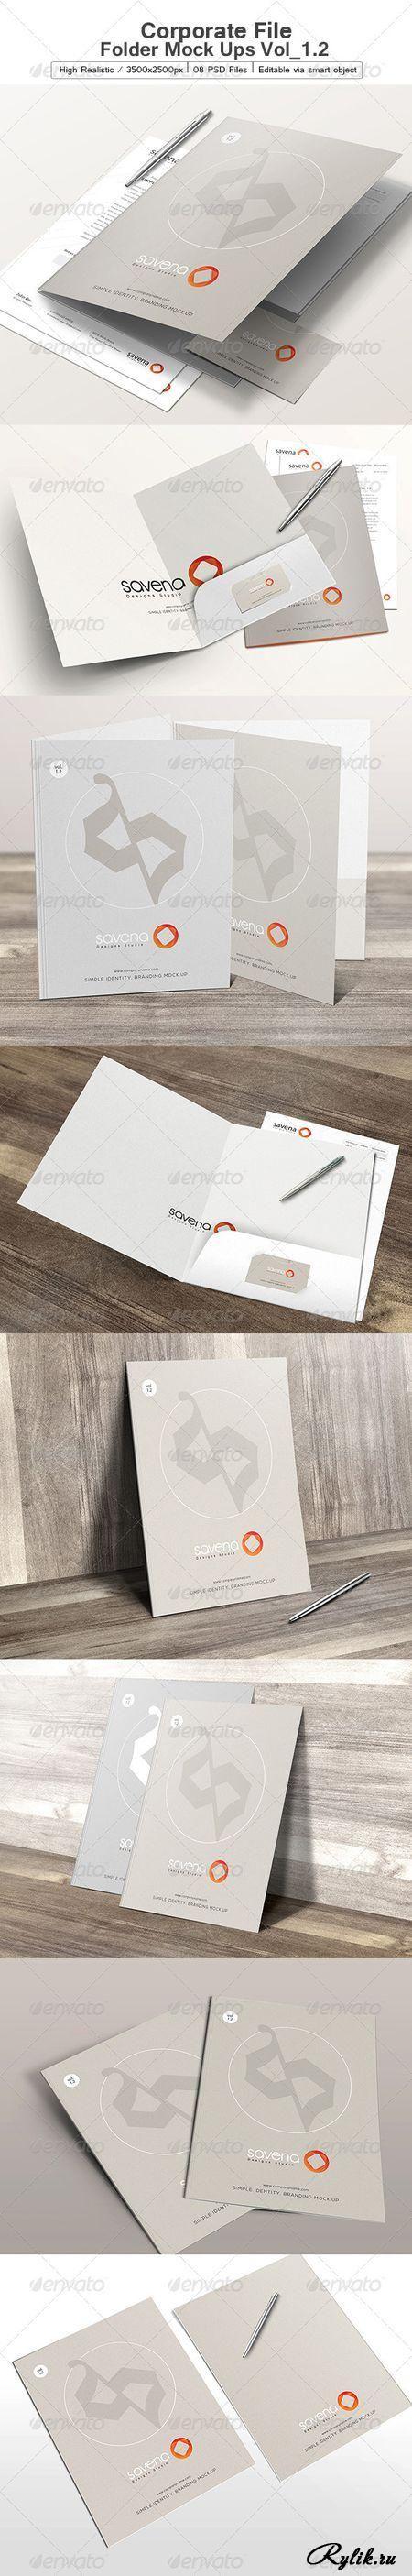 Фирменный бланк и папка - PSD макет для презентации. Corporate File Folder Mock Ups